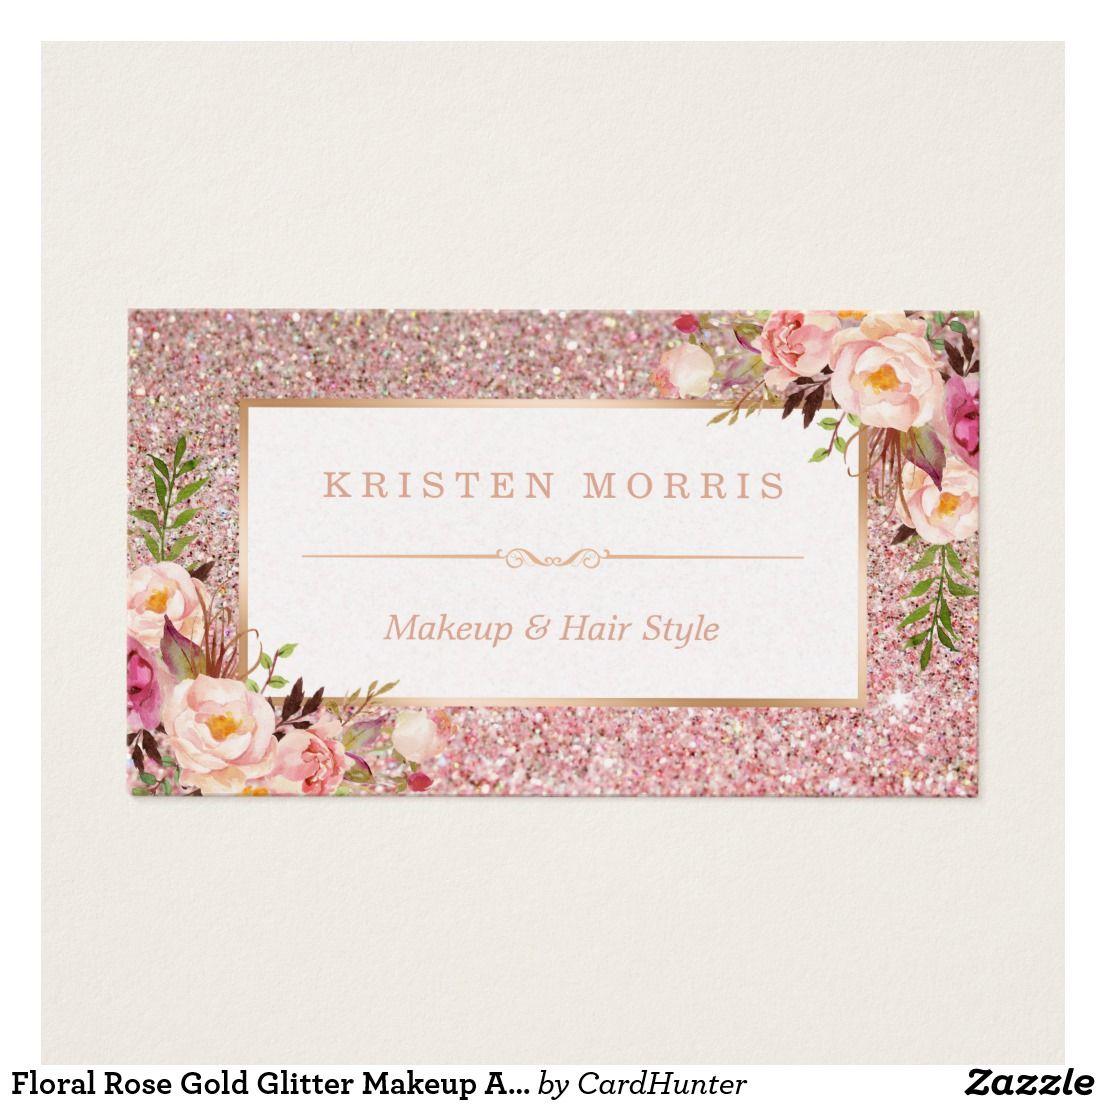 Floral Rose Gold Glitter Makeup Artist Hair Salon Business Card ...